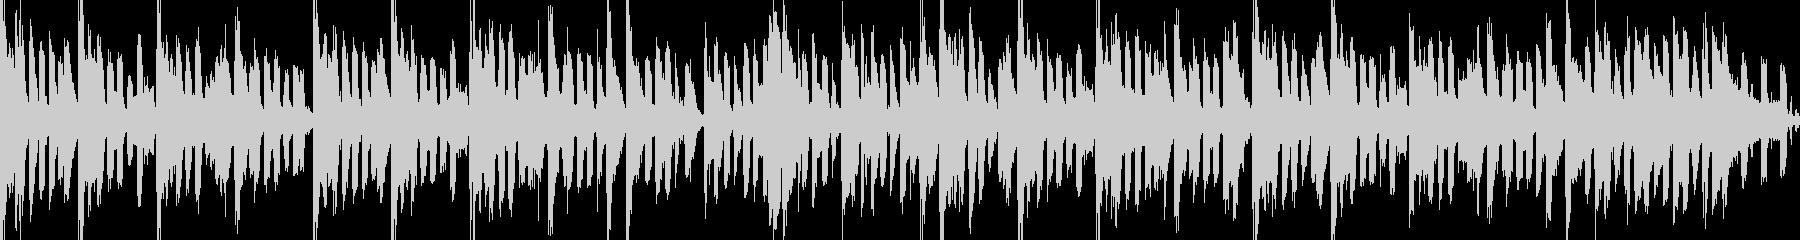 明るくグルーヴィでお洒落なピアノジングルの未再生の波形